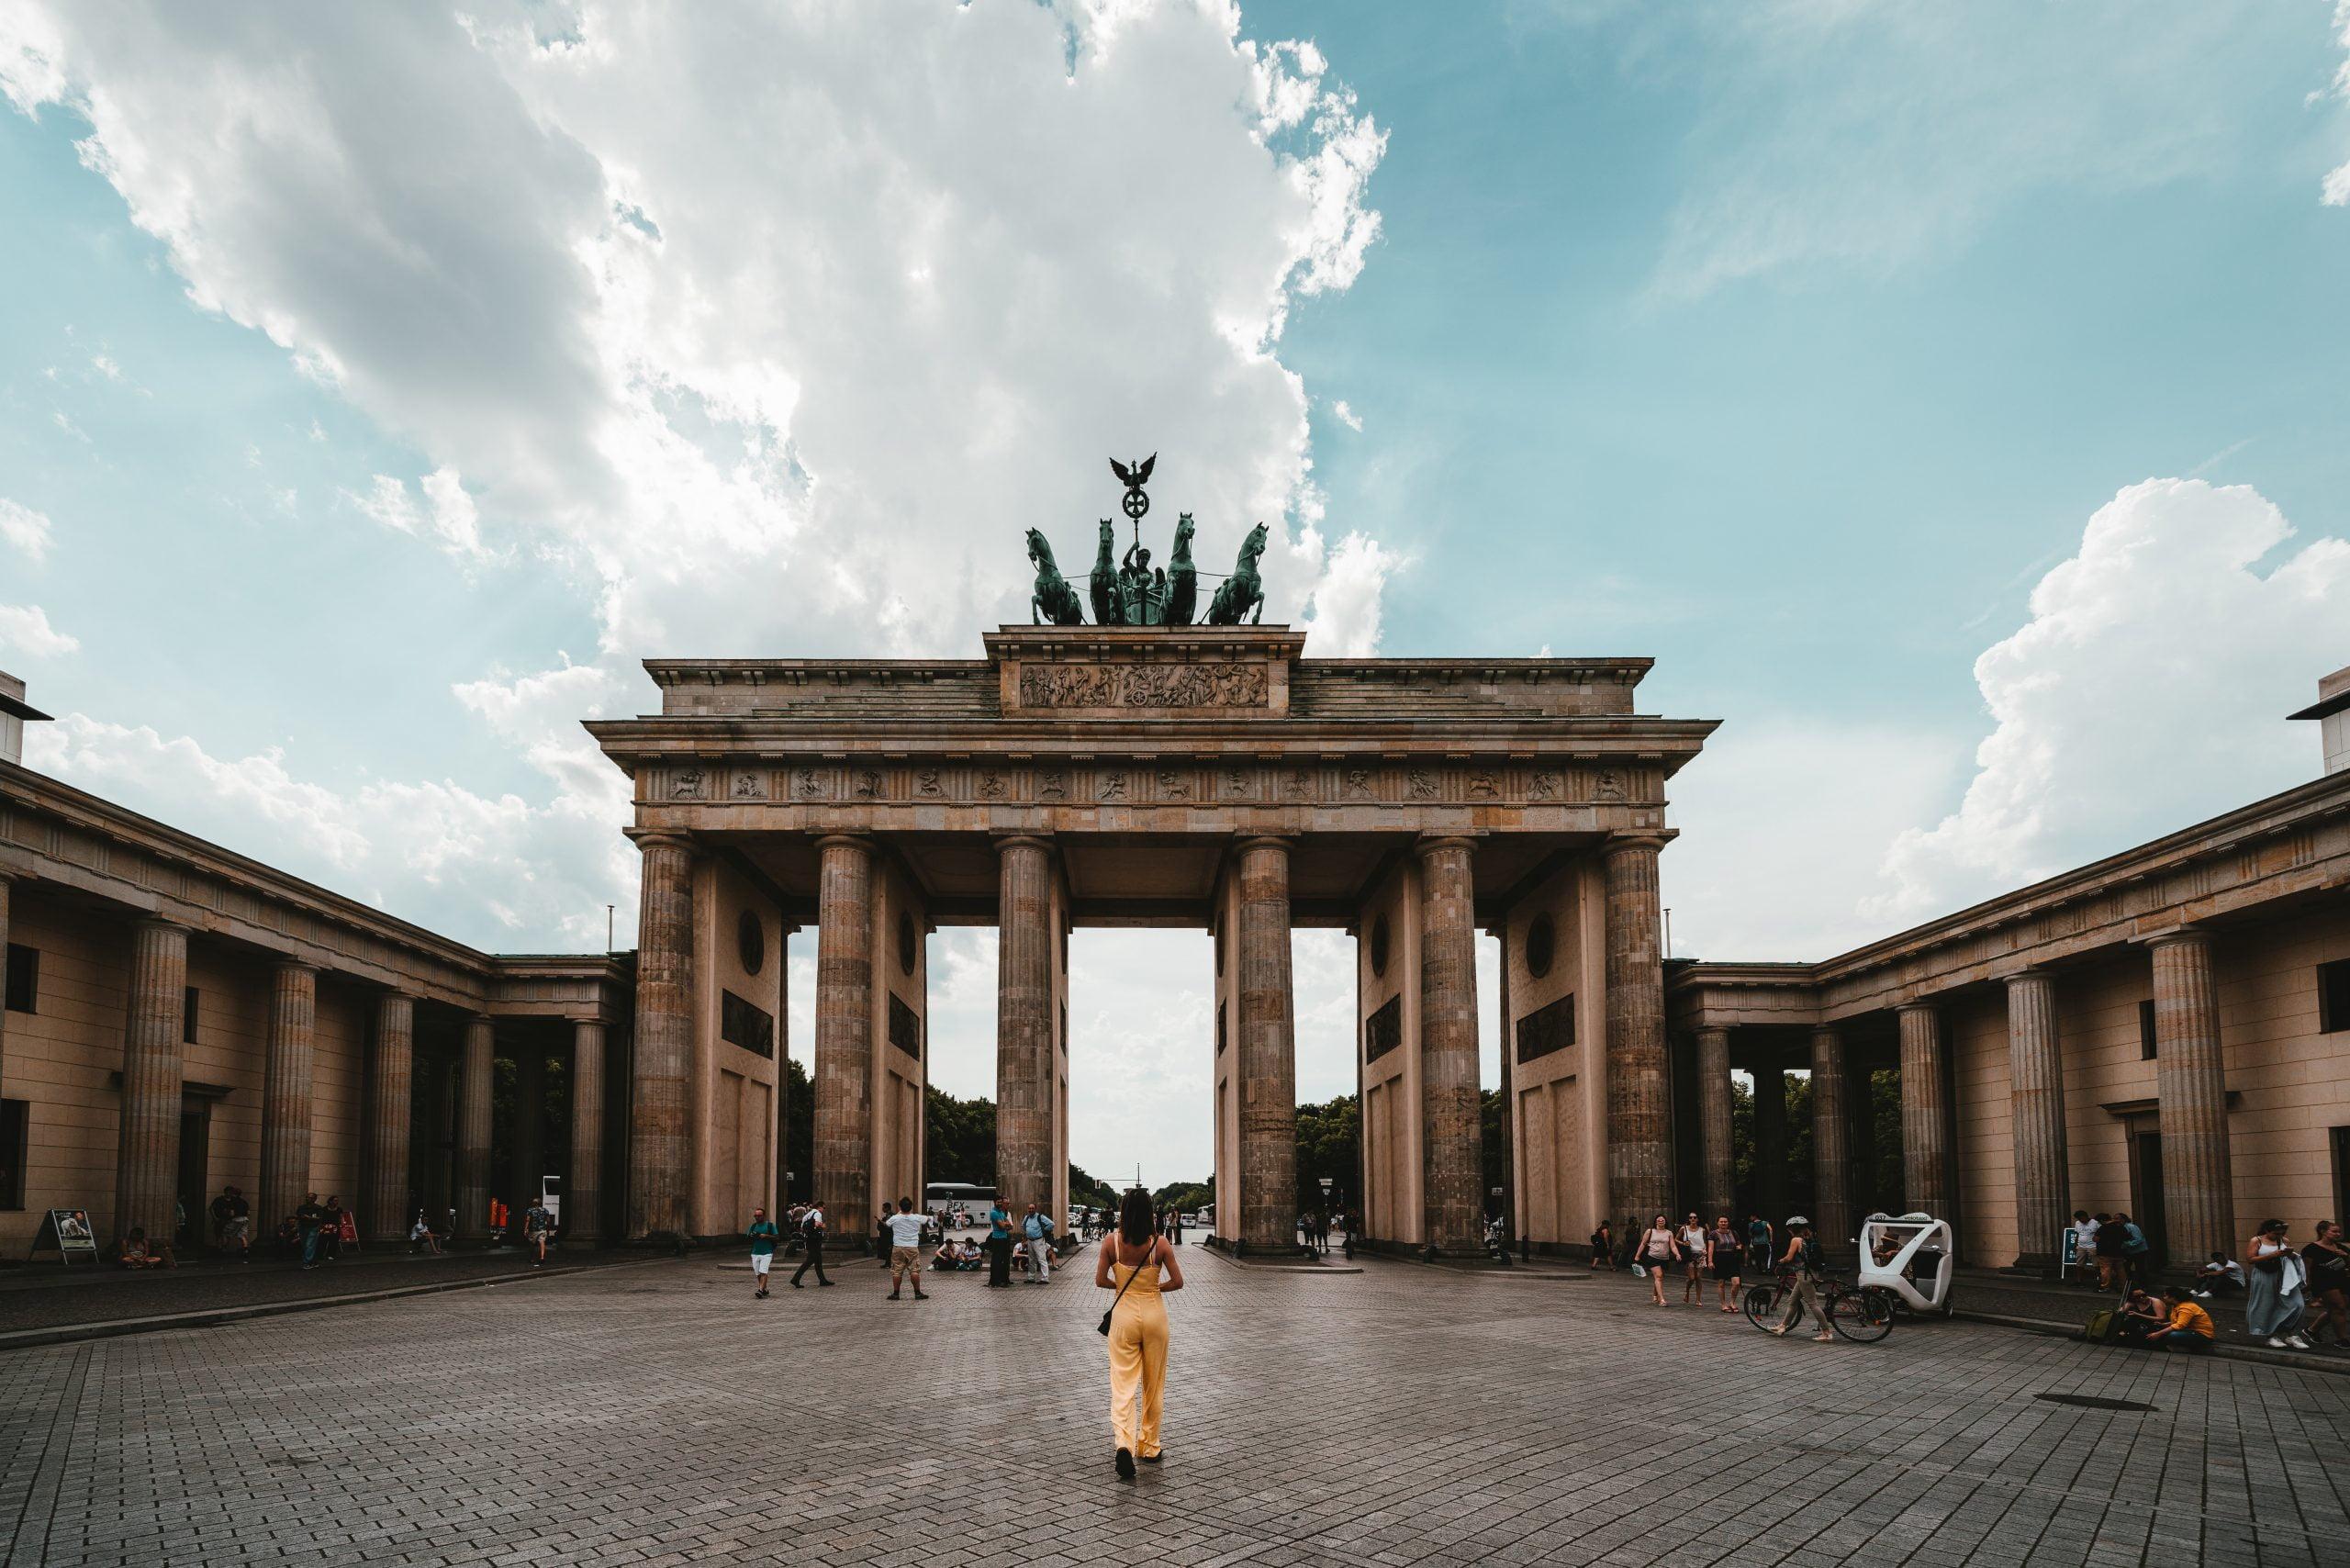 เที่ยวยุโรป เยอรมนี เบอร์ลิน